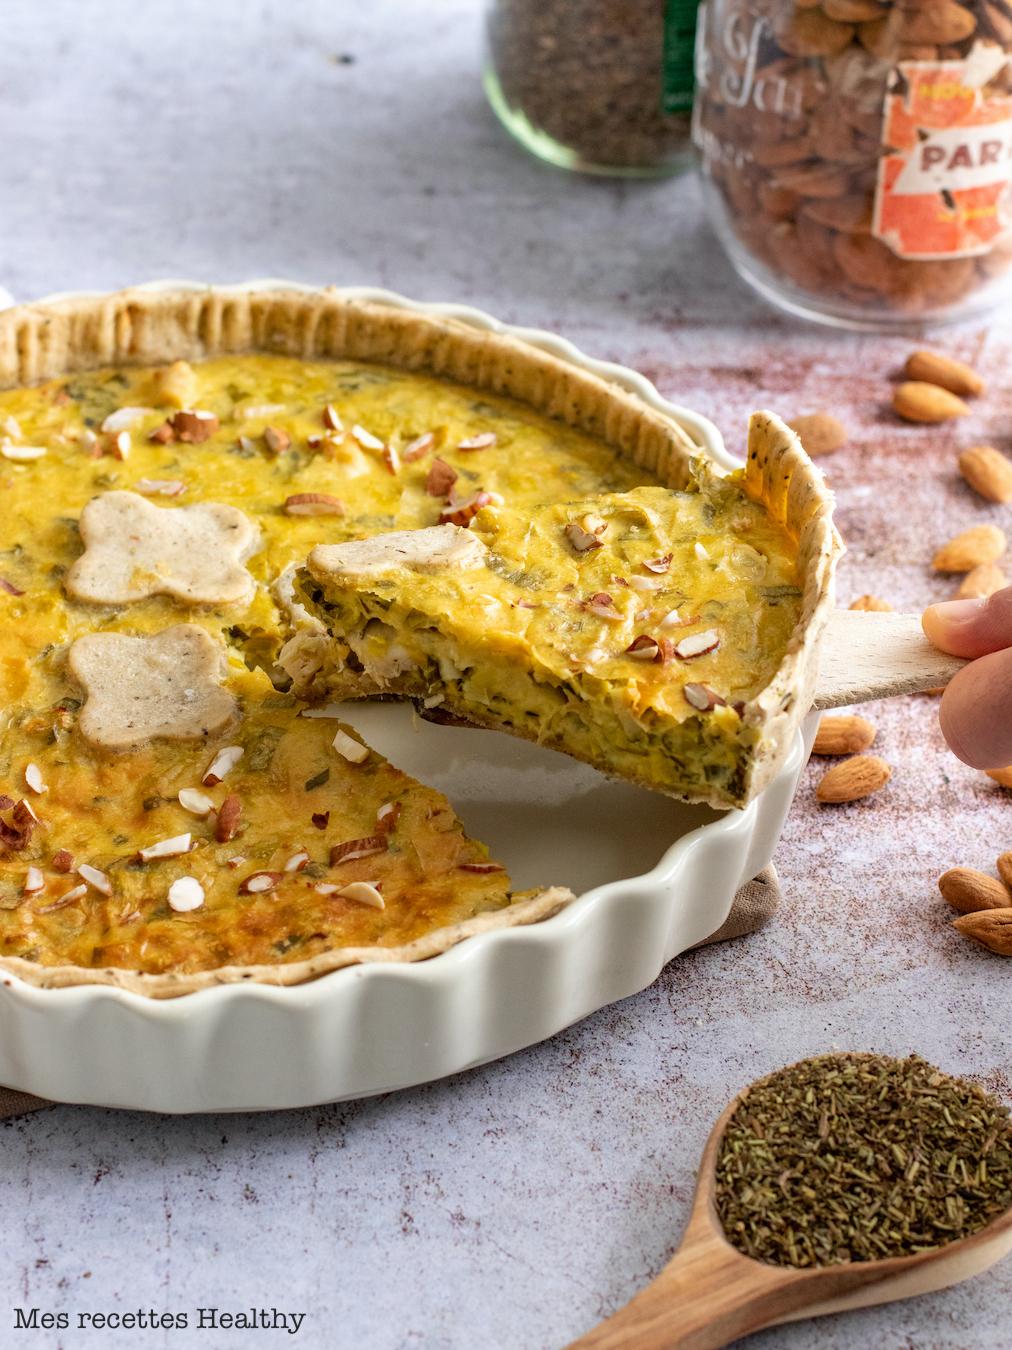 recette Healthy-tarte poireau-quiche poireau-poulet-lait de coco